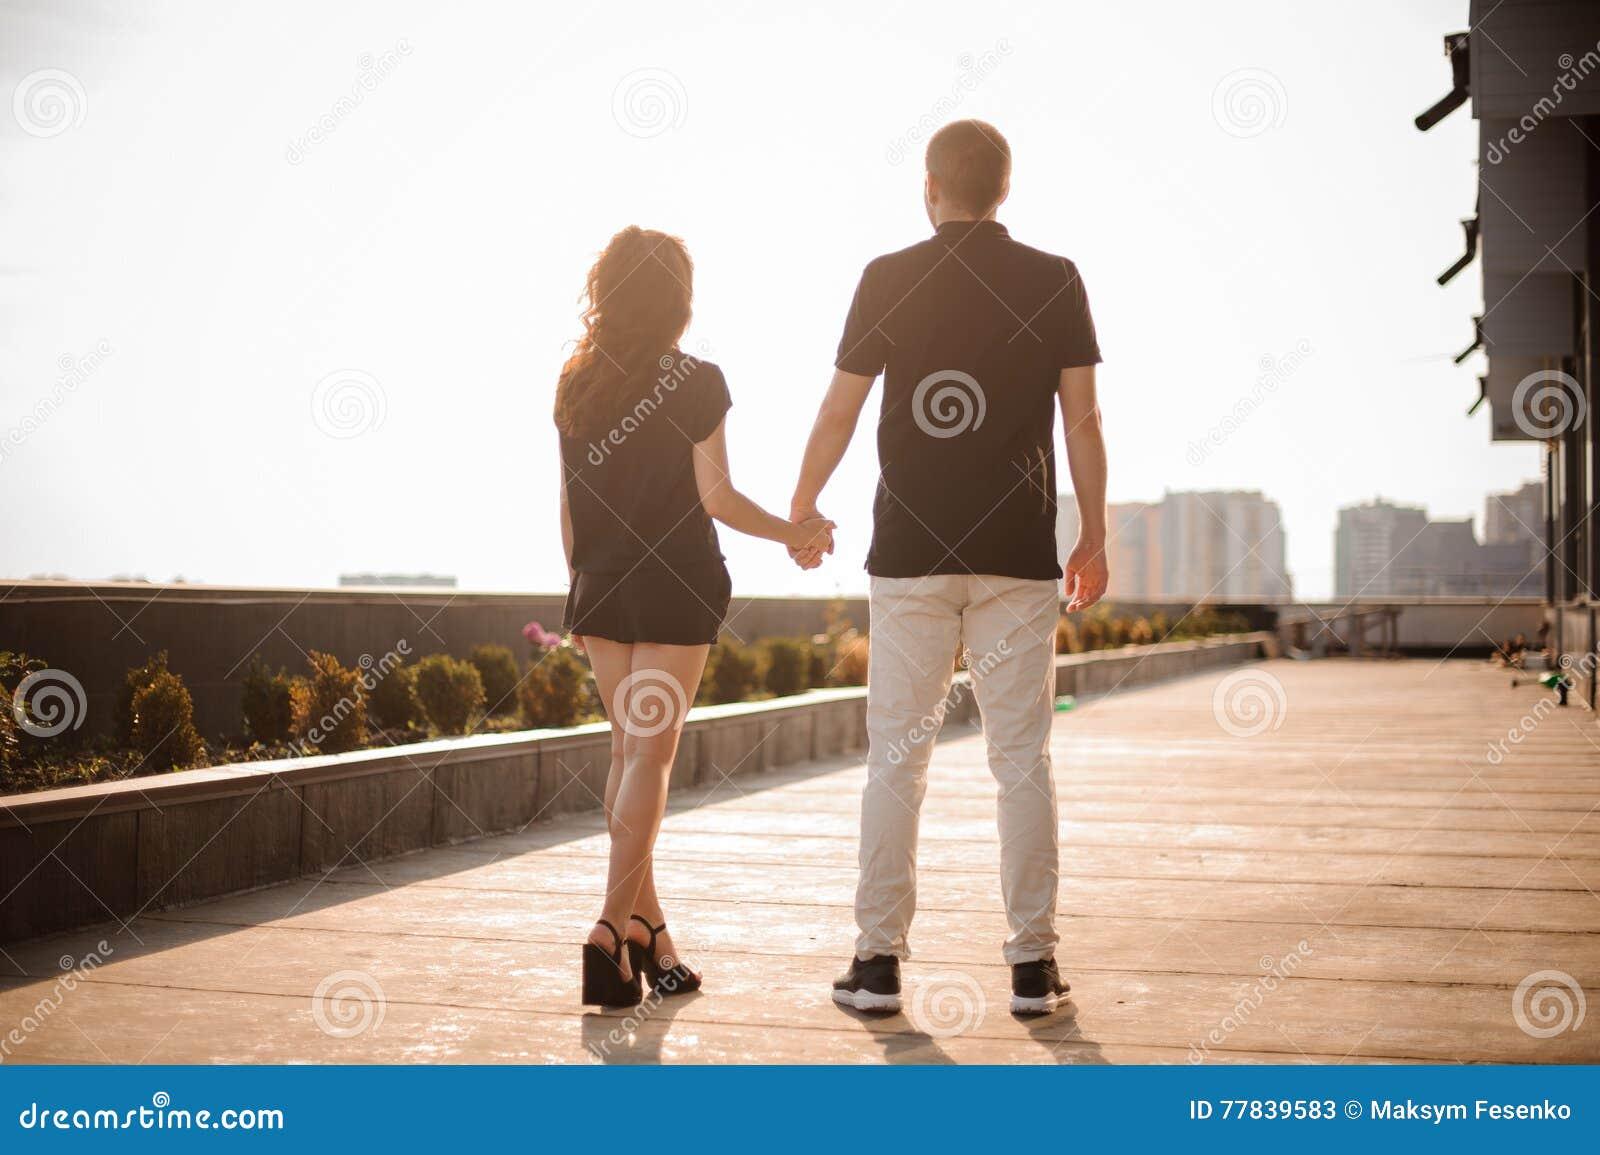 Le couple par derrière se tenir remet le regard sur la ville